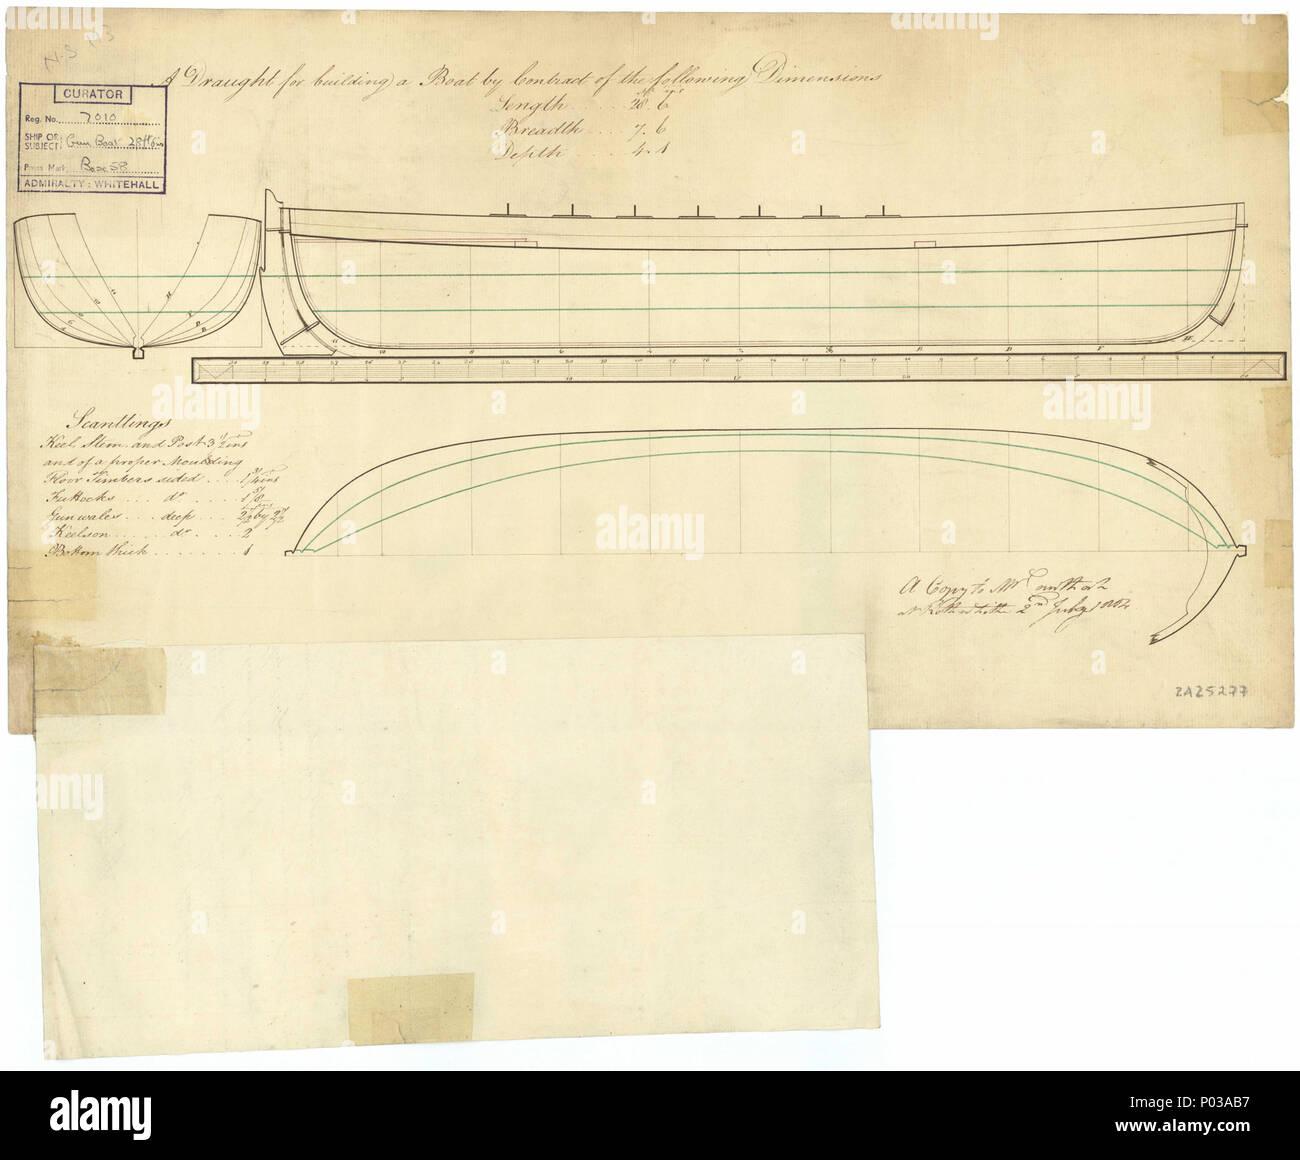 Englisch 28 Ft Kanonenboot 1804 Maßstab 124 Die Körper Planen